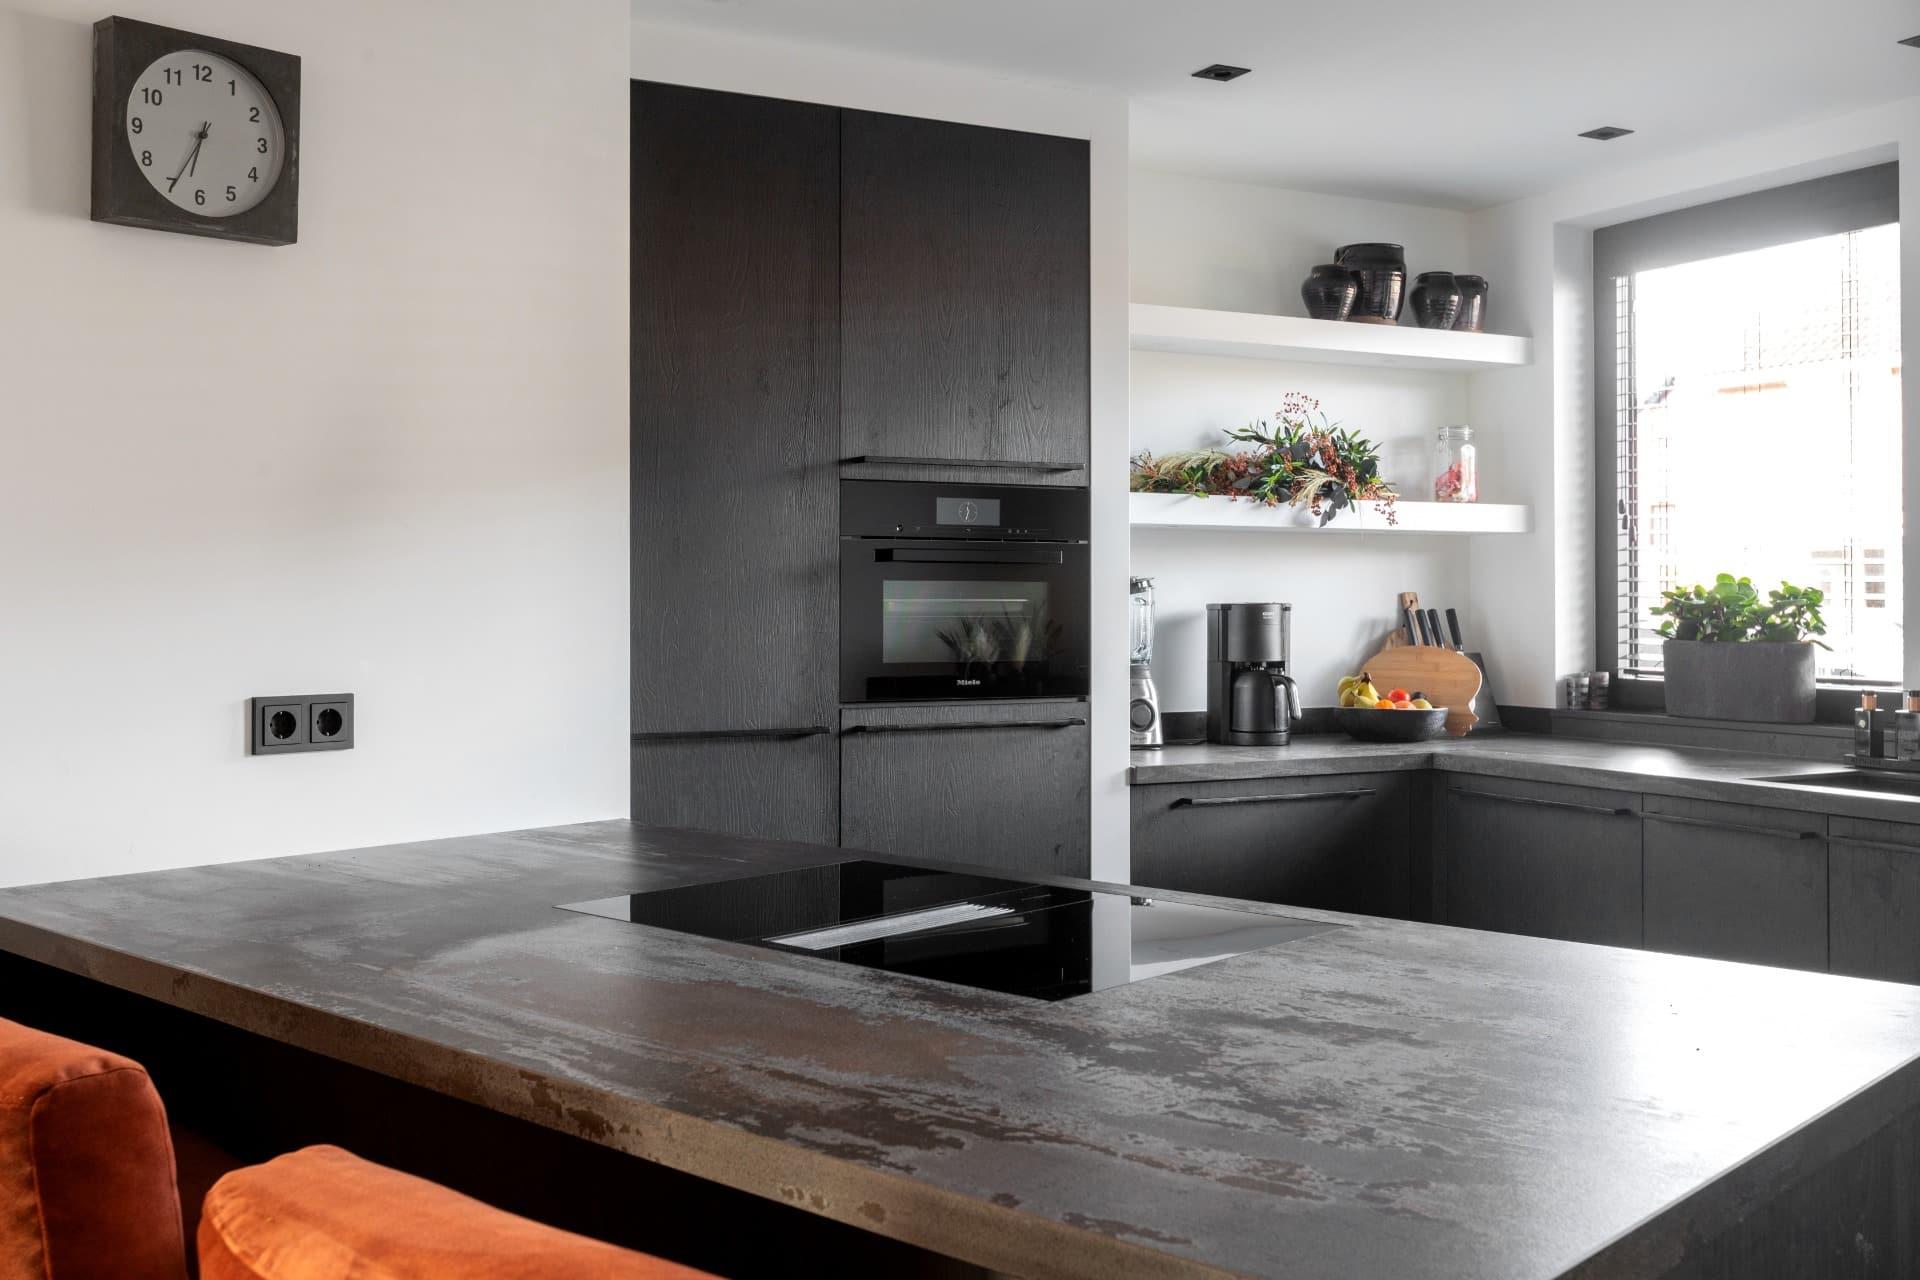 Kunststof houten keuken met hoogwaardige apparatuur | Barneveld